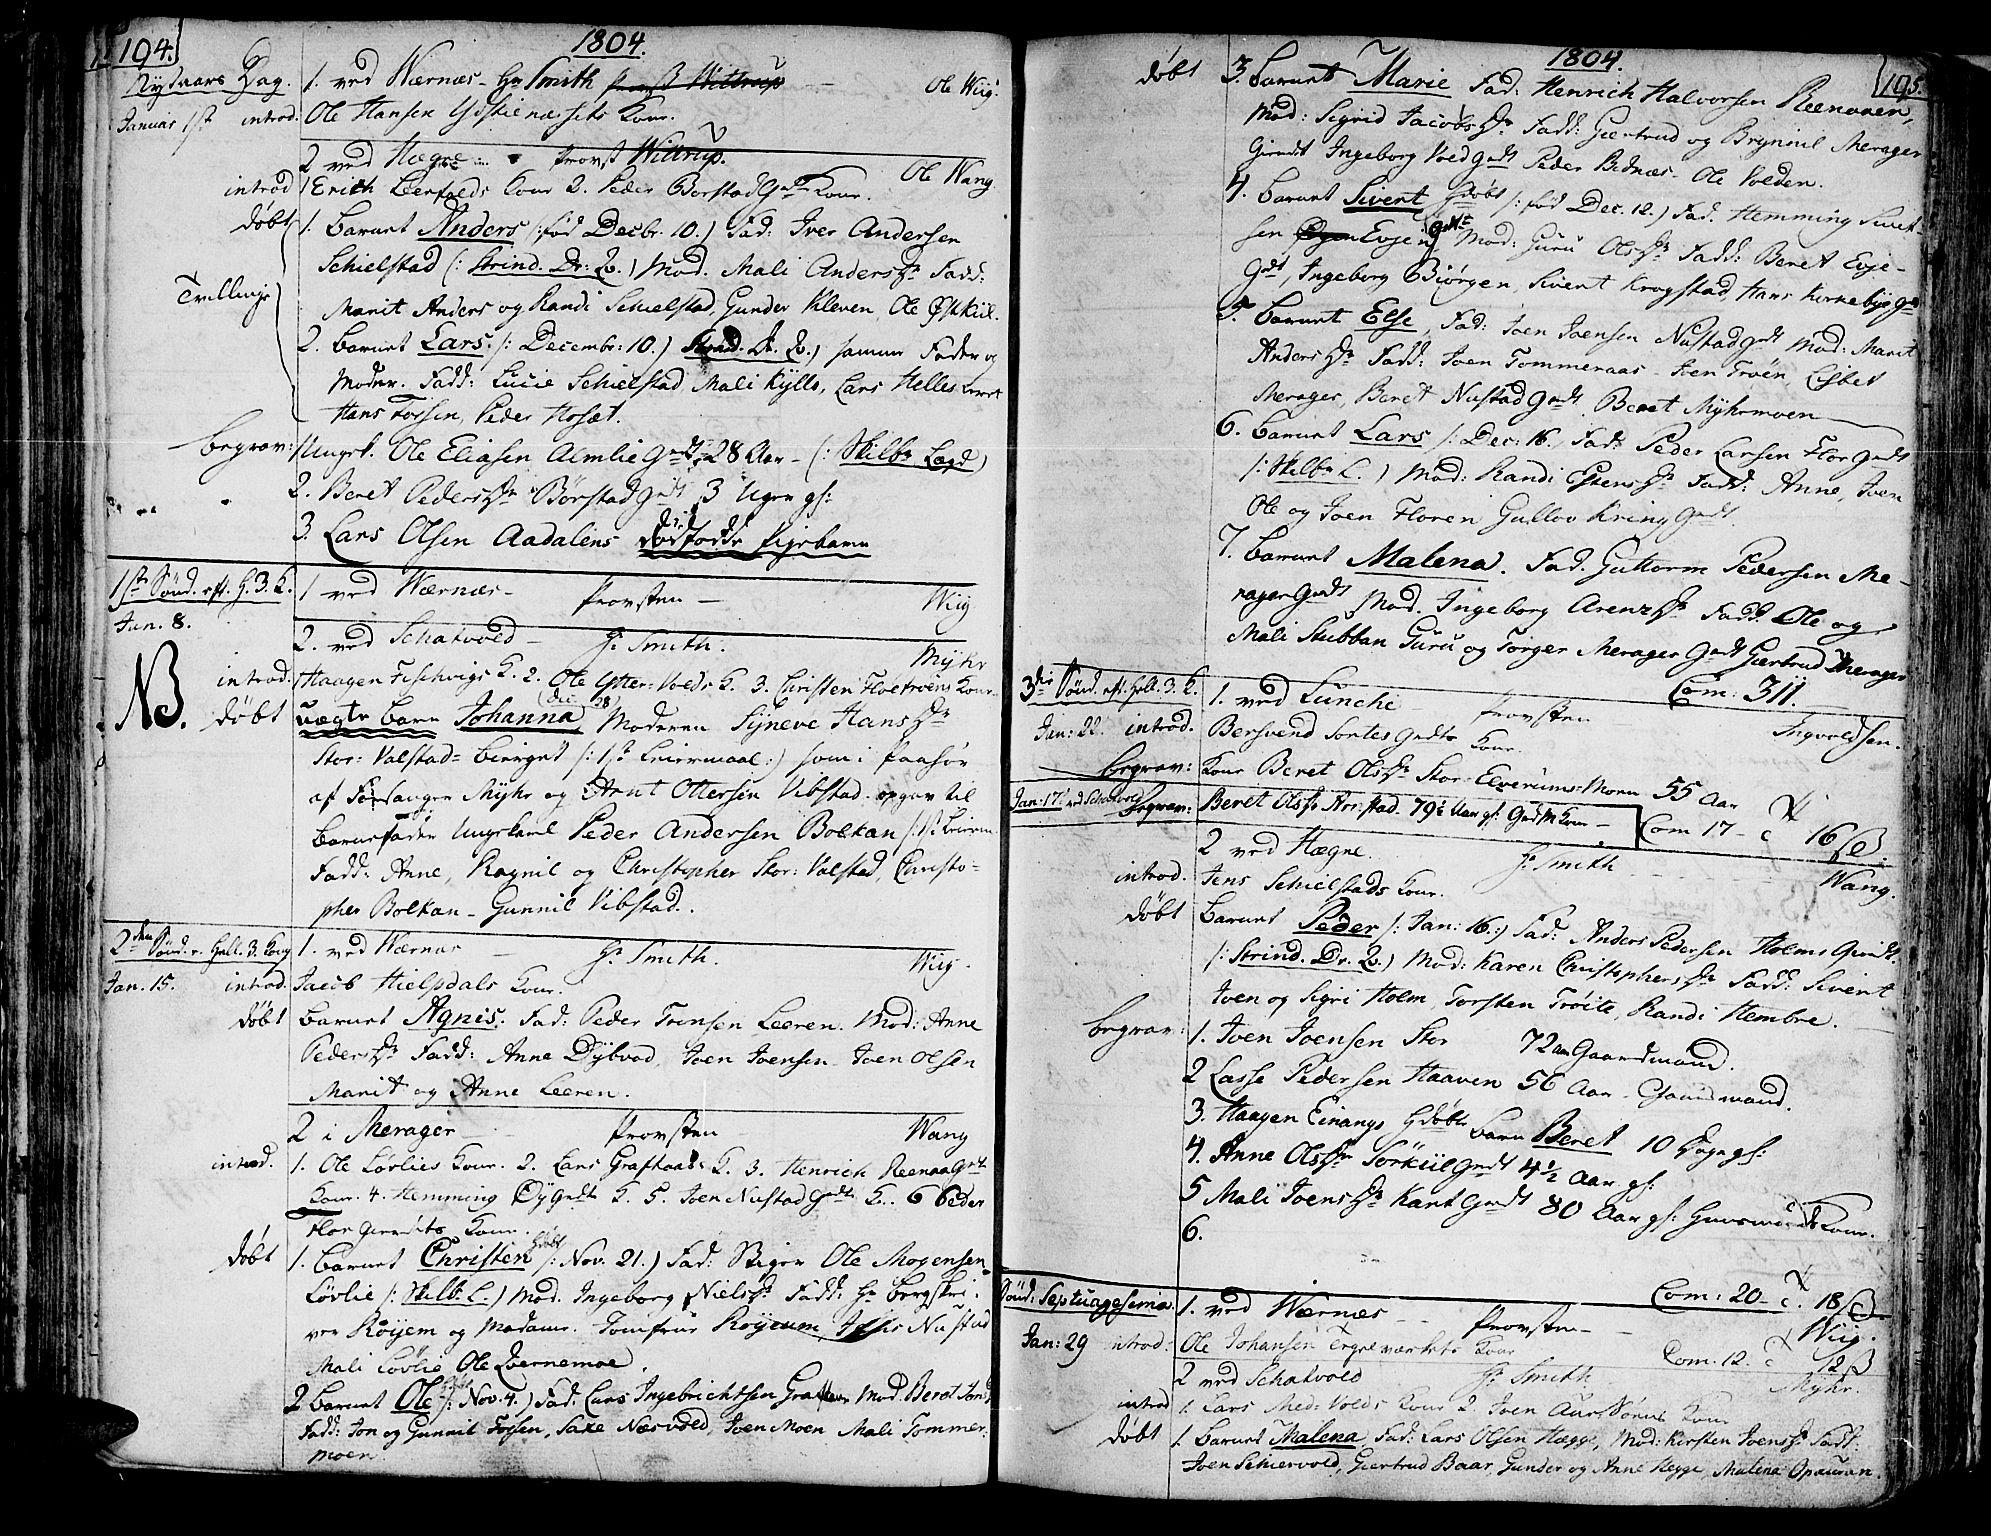 SAT, Ministerialprotokoller, klokkerbøker og fødselsregistre - Nord-Trøndelag, 709/L0060: Ministerialbok nr. 709A07, 1797-1815, s. 194-195